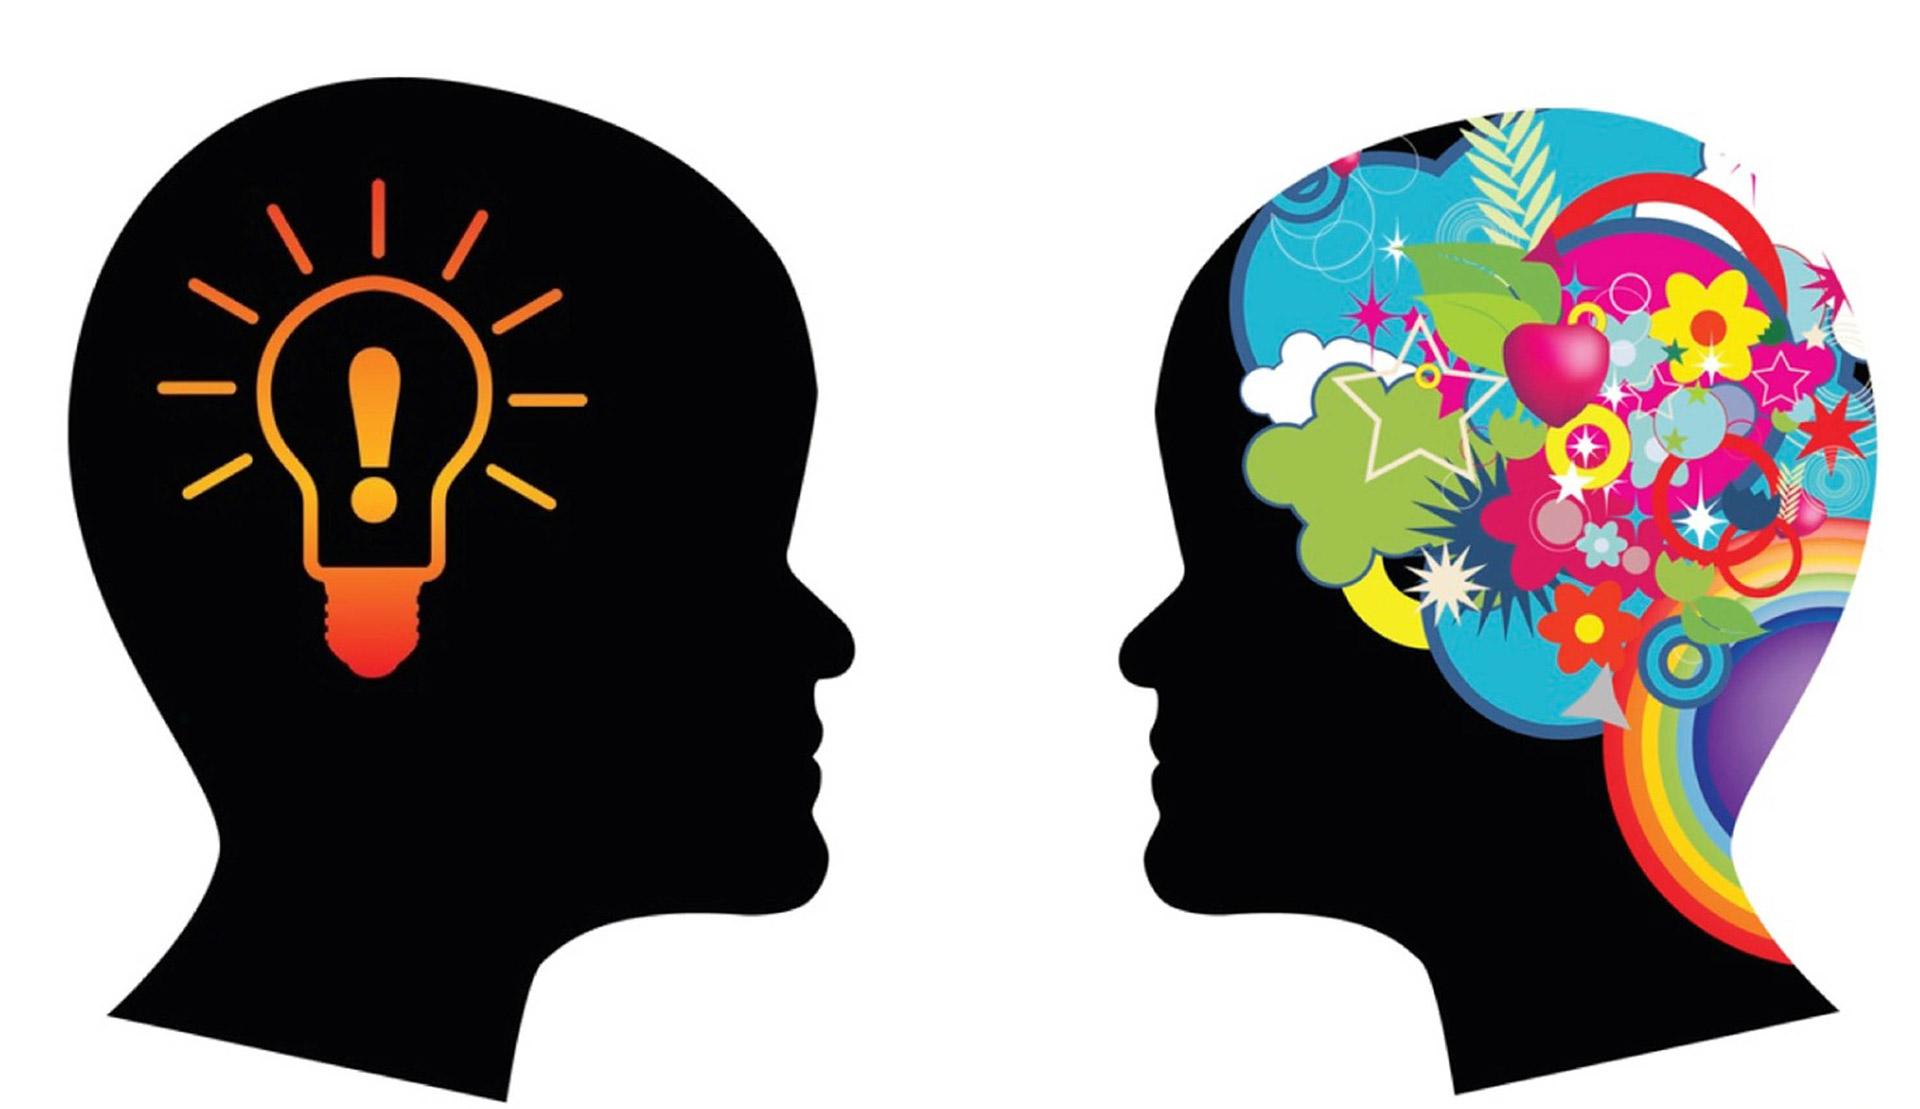 Бесплатный вебинар: Как развивать эмоциональный интеллект и зачем